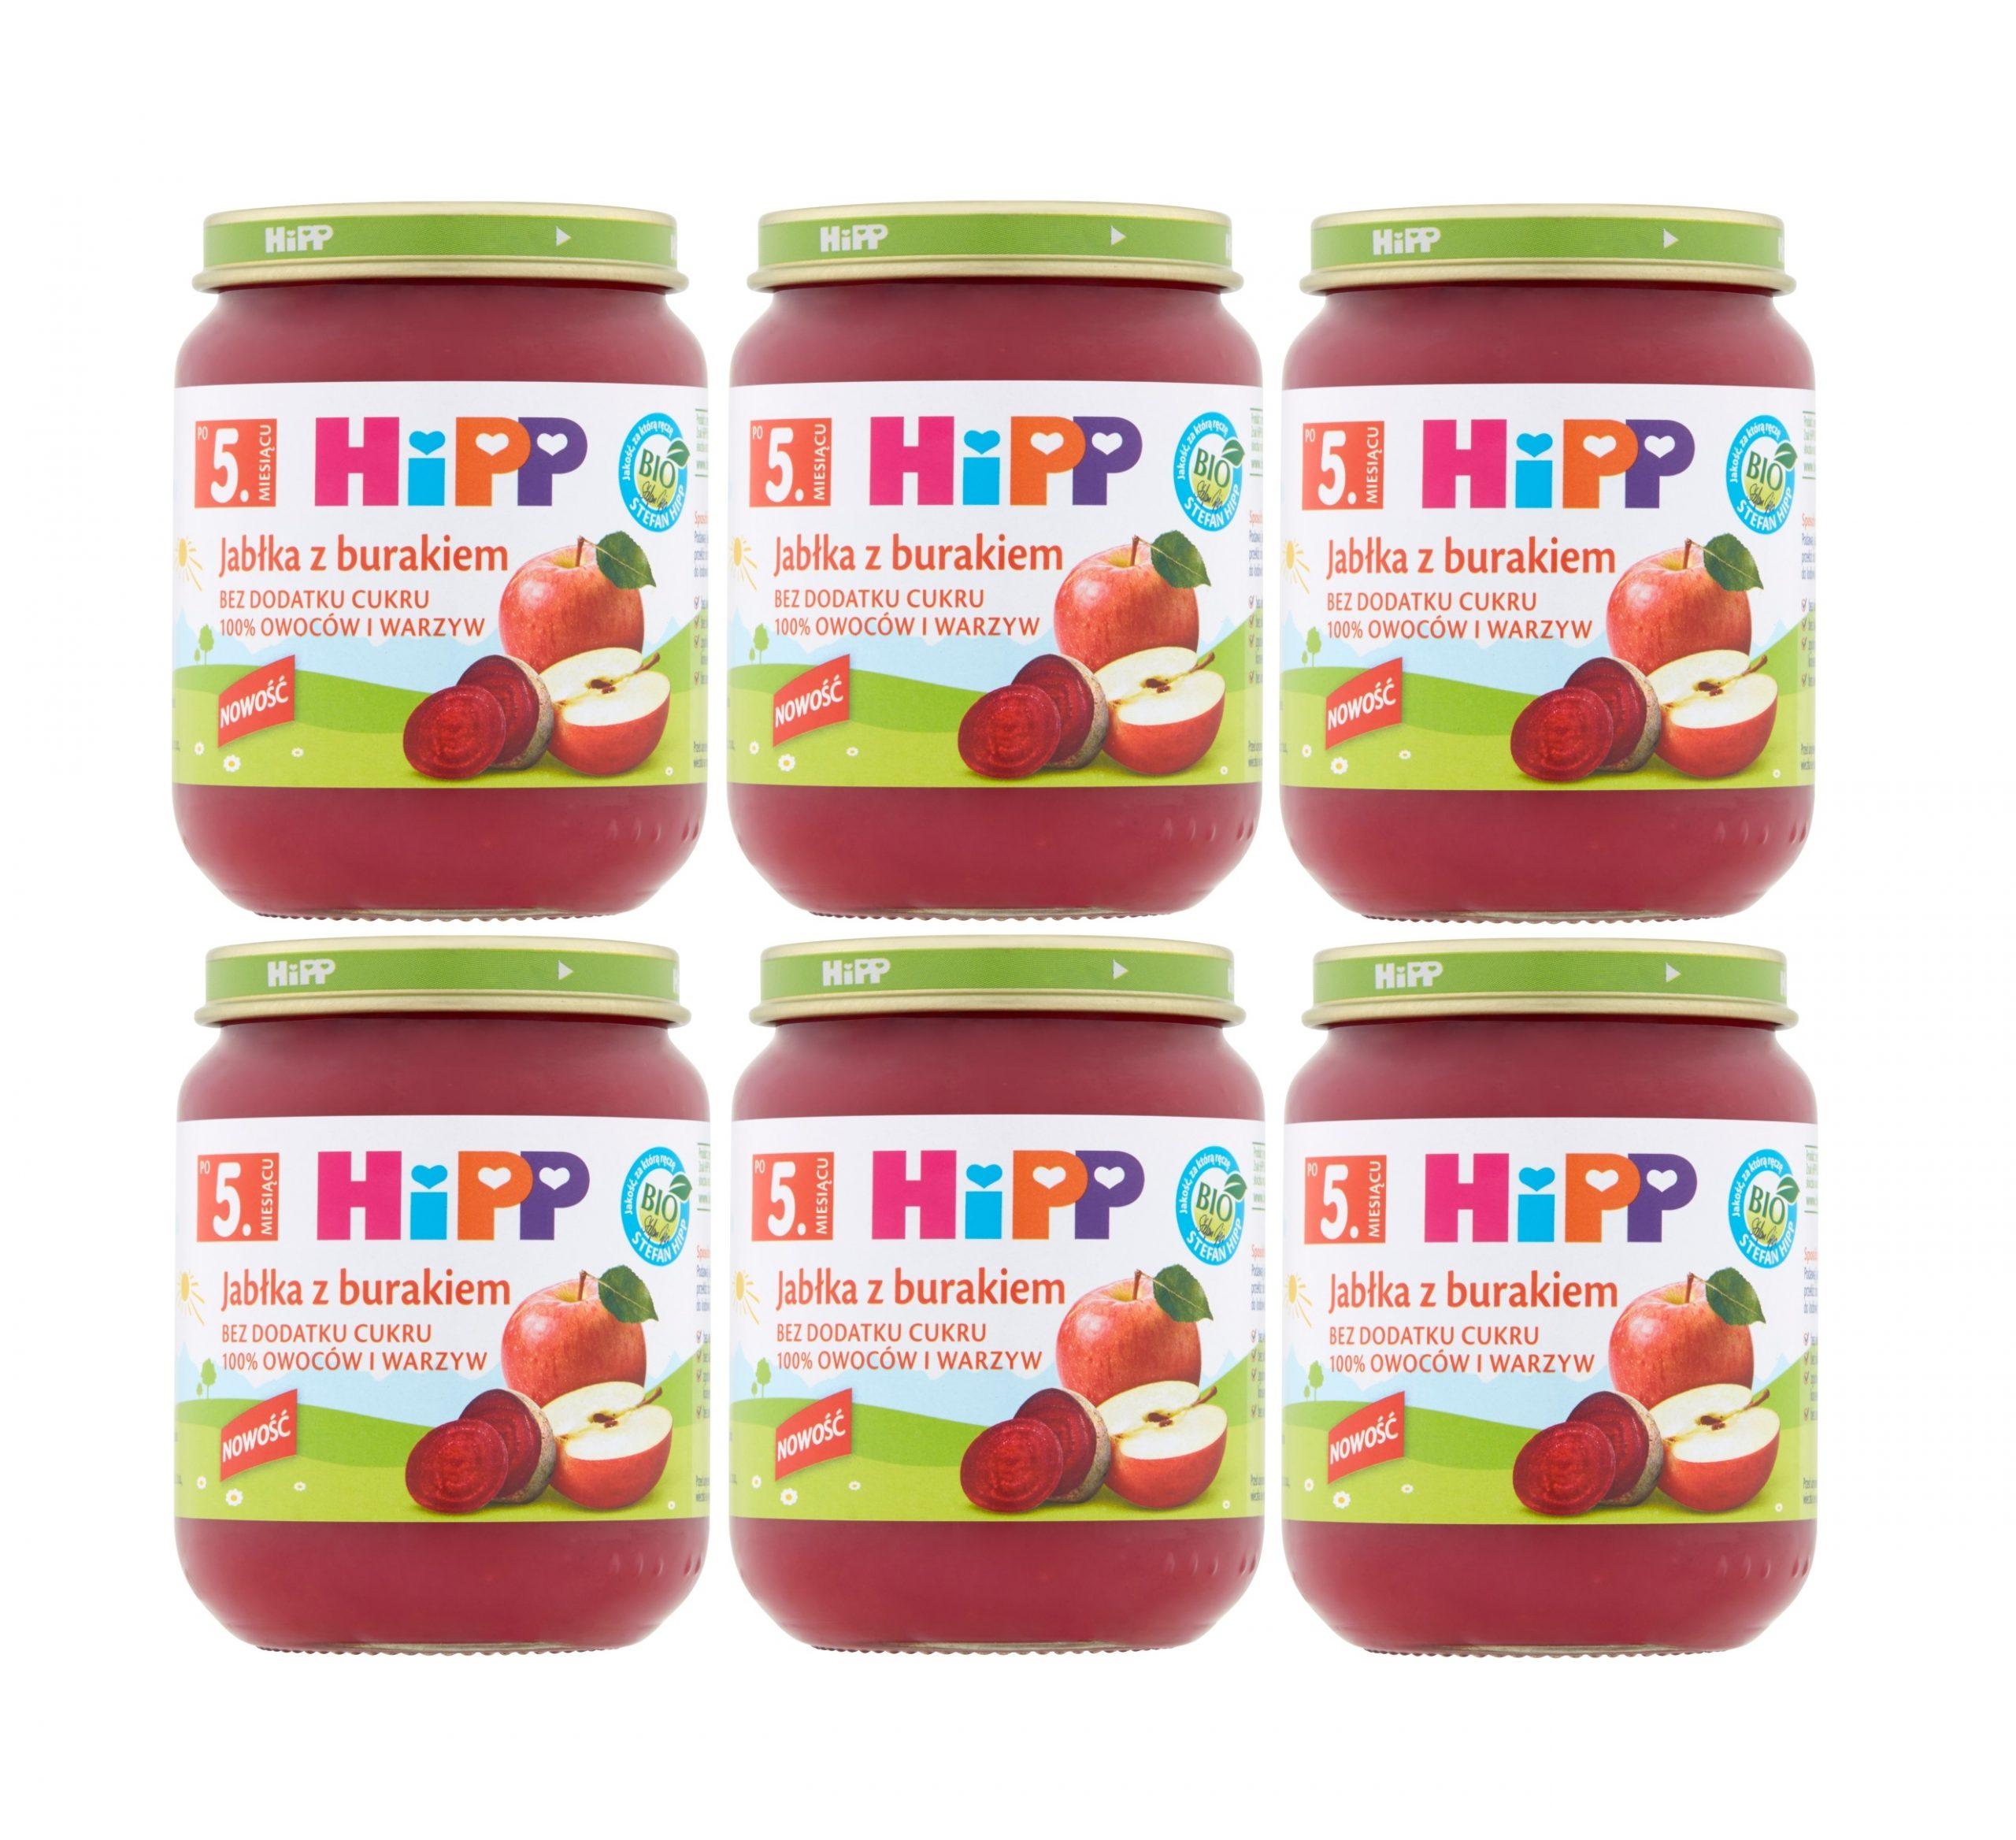 6 pak hipp 125 jabłka z burakiem